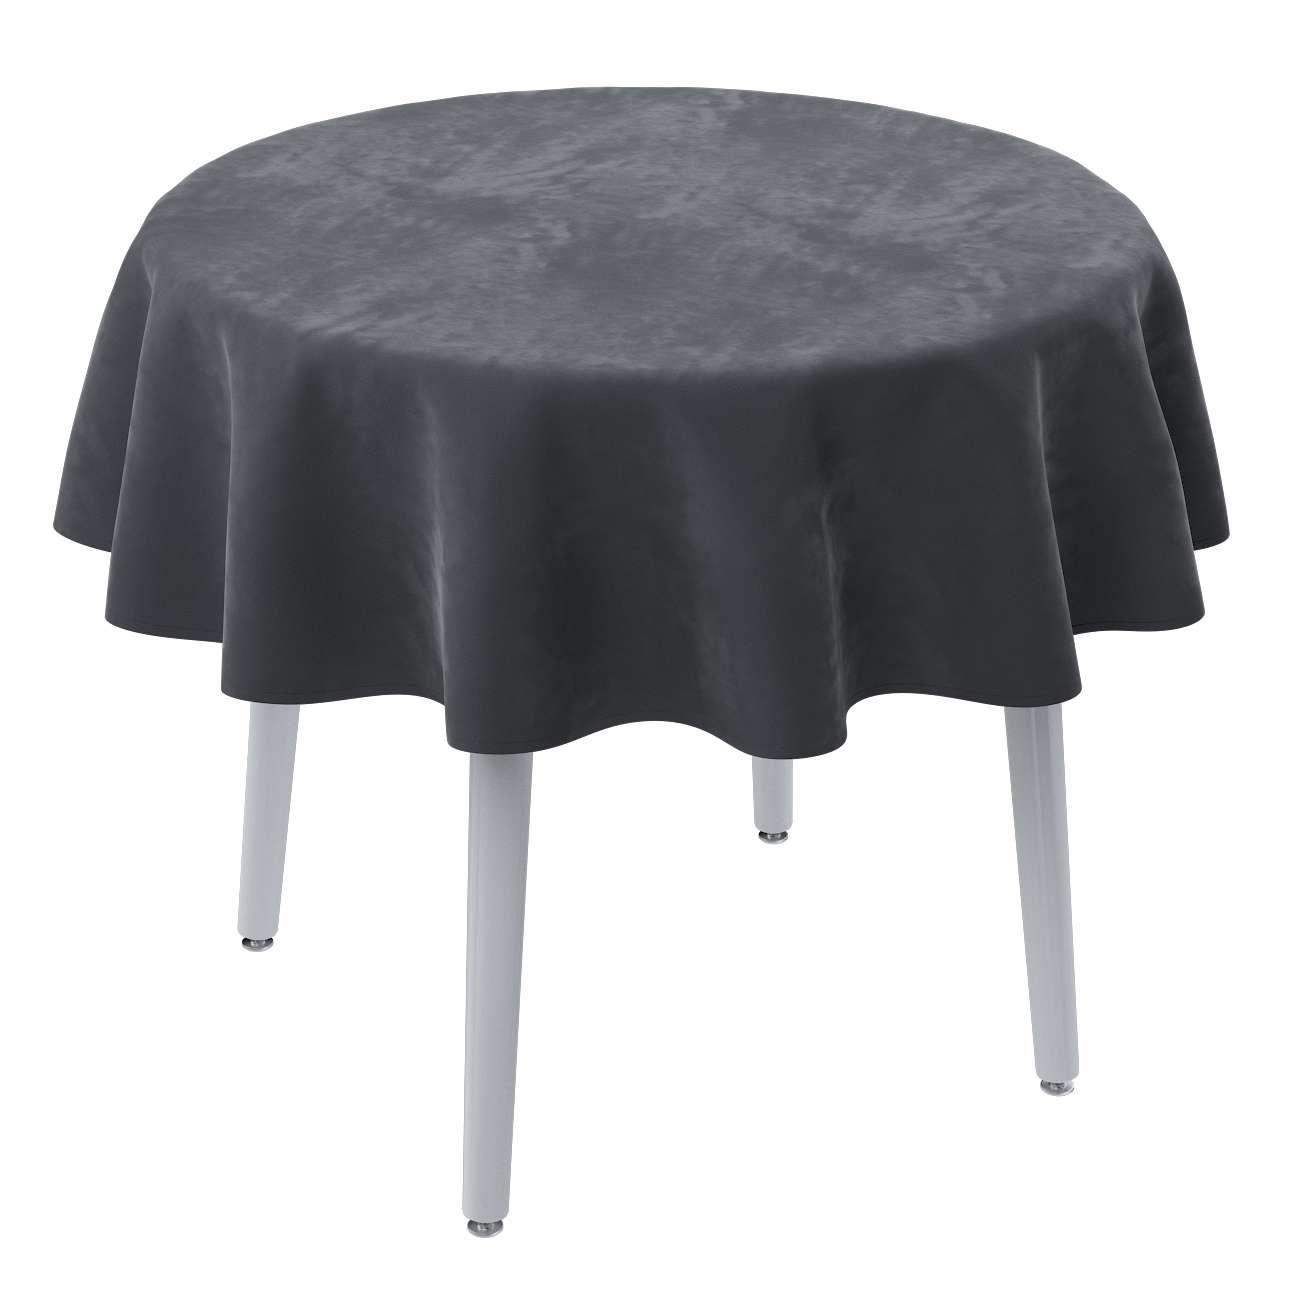 Staltiesės (apvaliam stalui) kolekcijoje Velvetas/Aksomas, audinys: 704-12